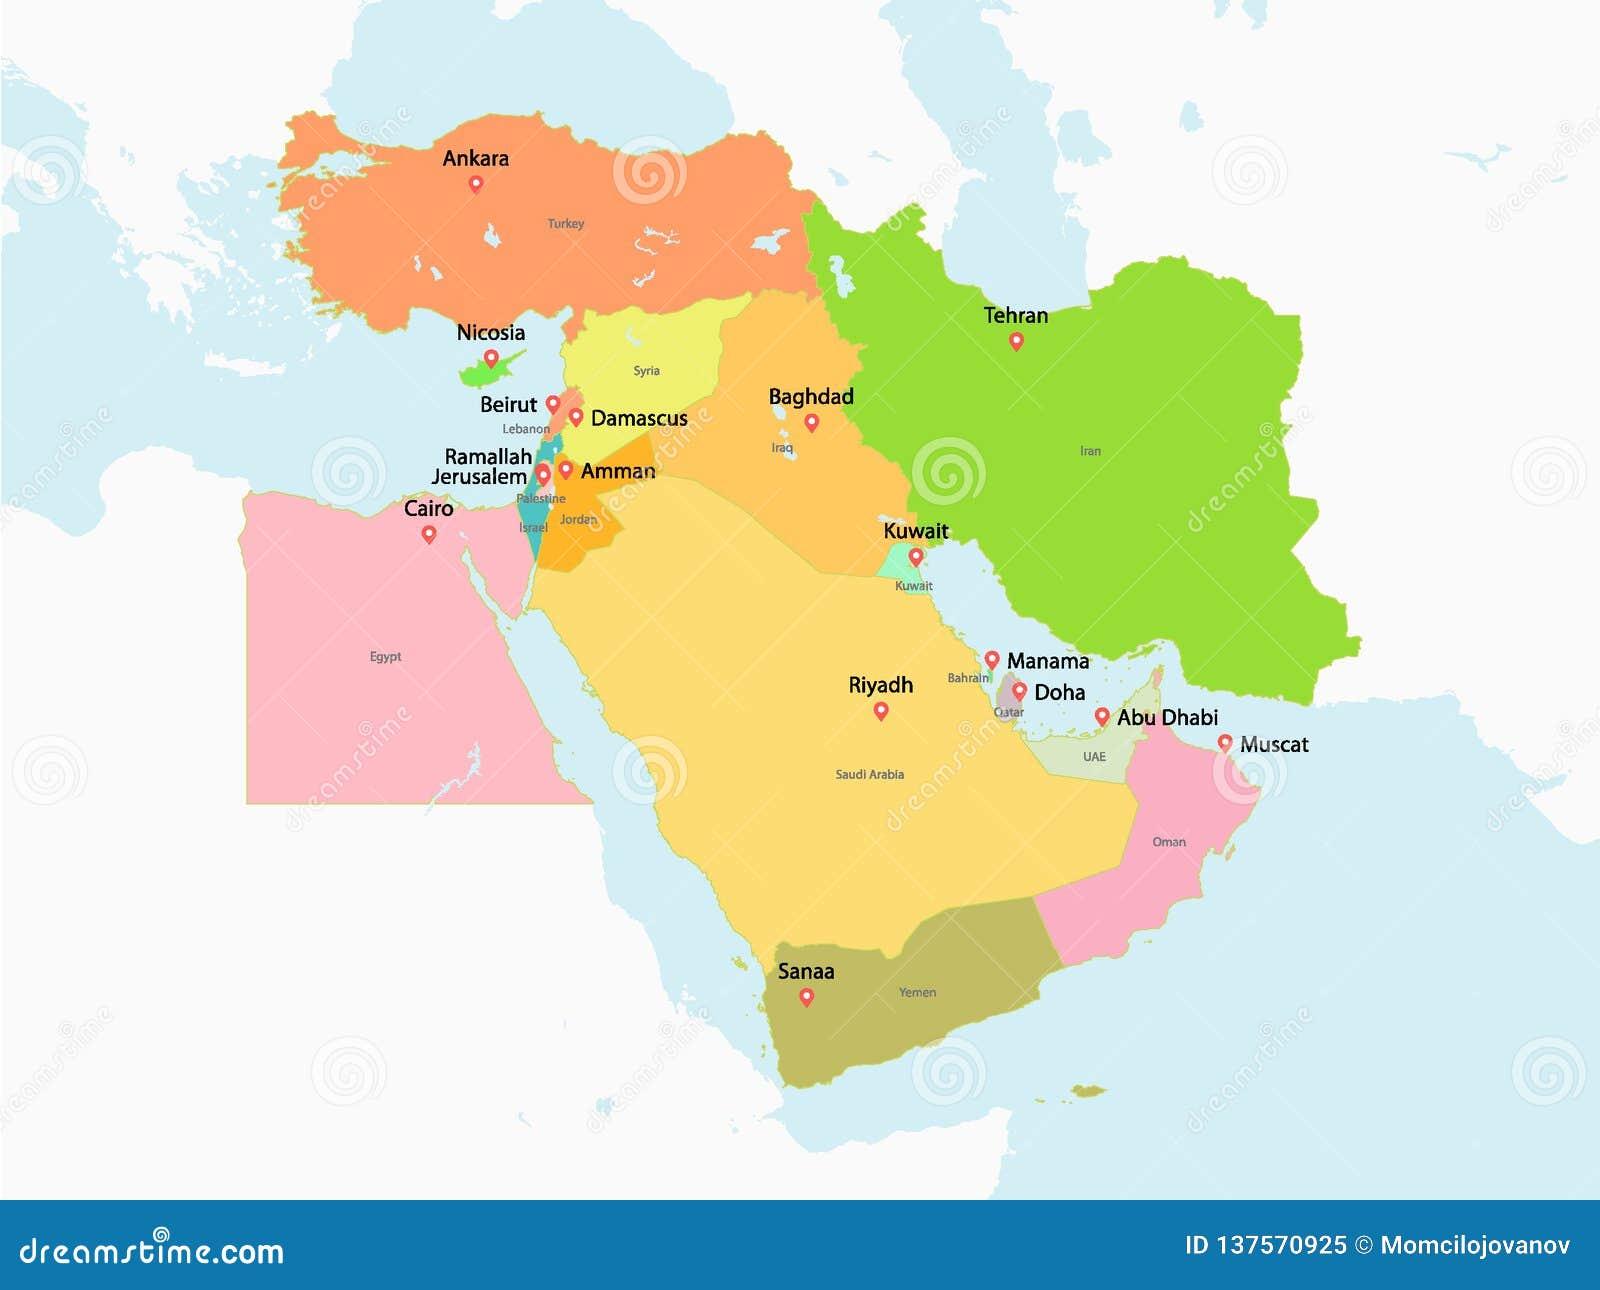 Cartina Geopolitica Medio Oriente.Mappa Politica Di Medio Oriente Illustrazione Vettoriale Illustrazione Di Programma Cyprus 137570925